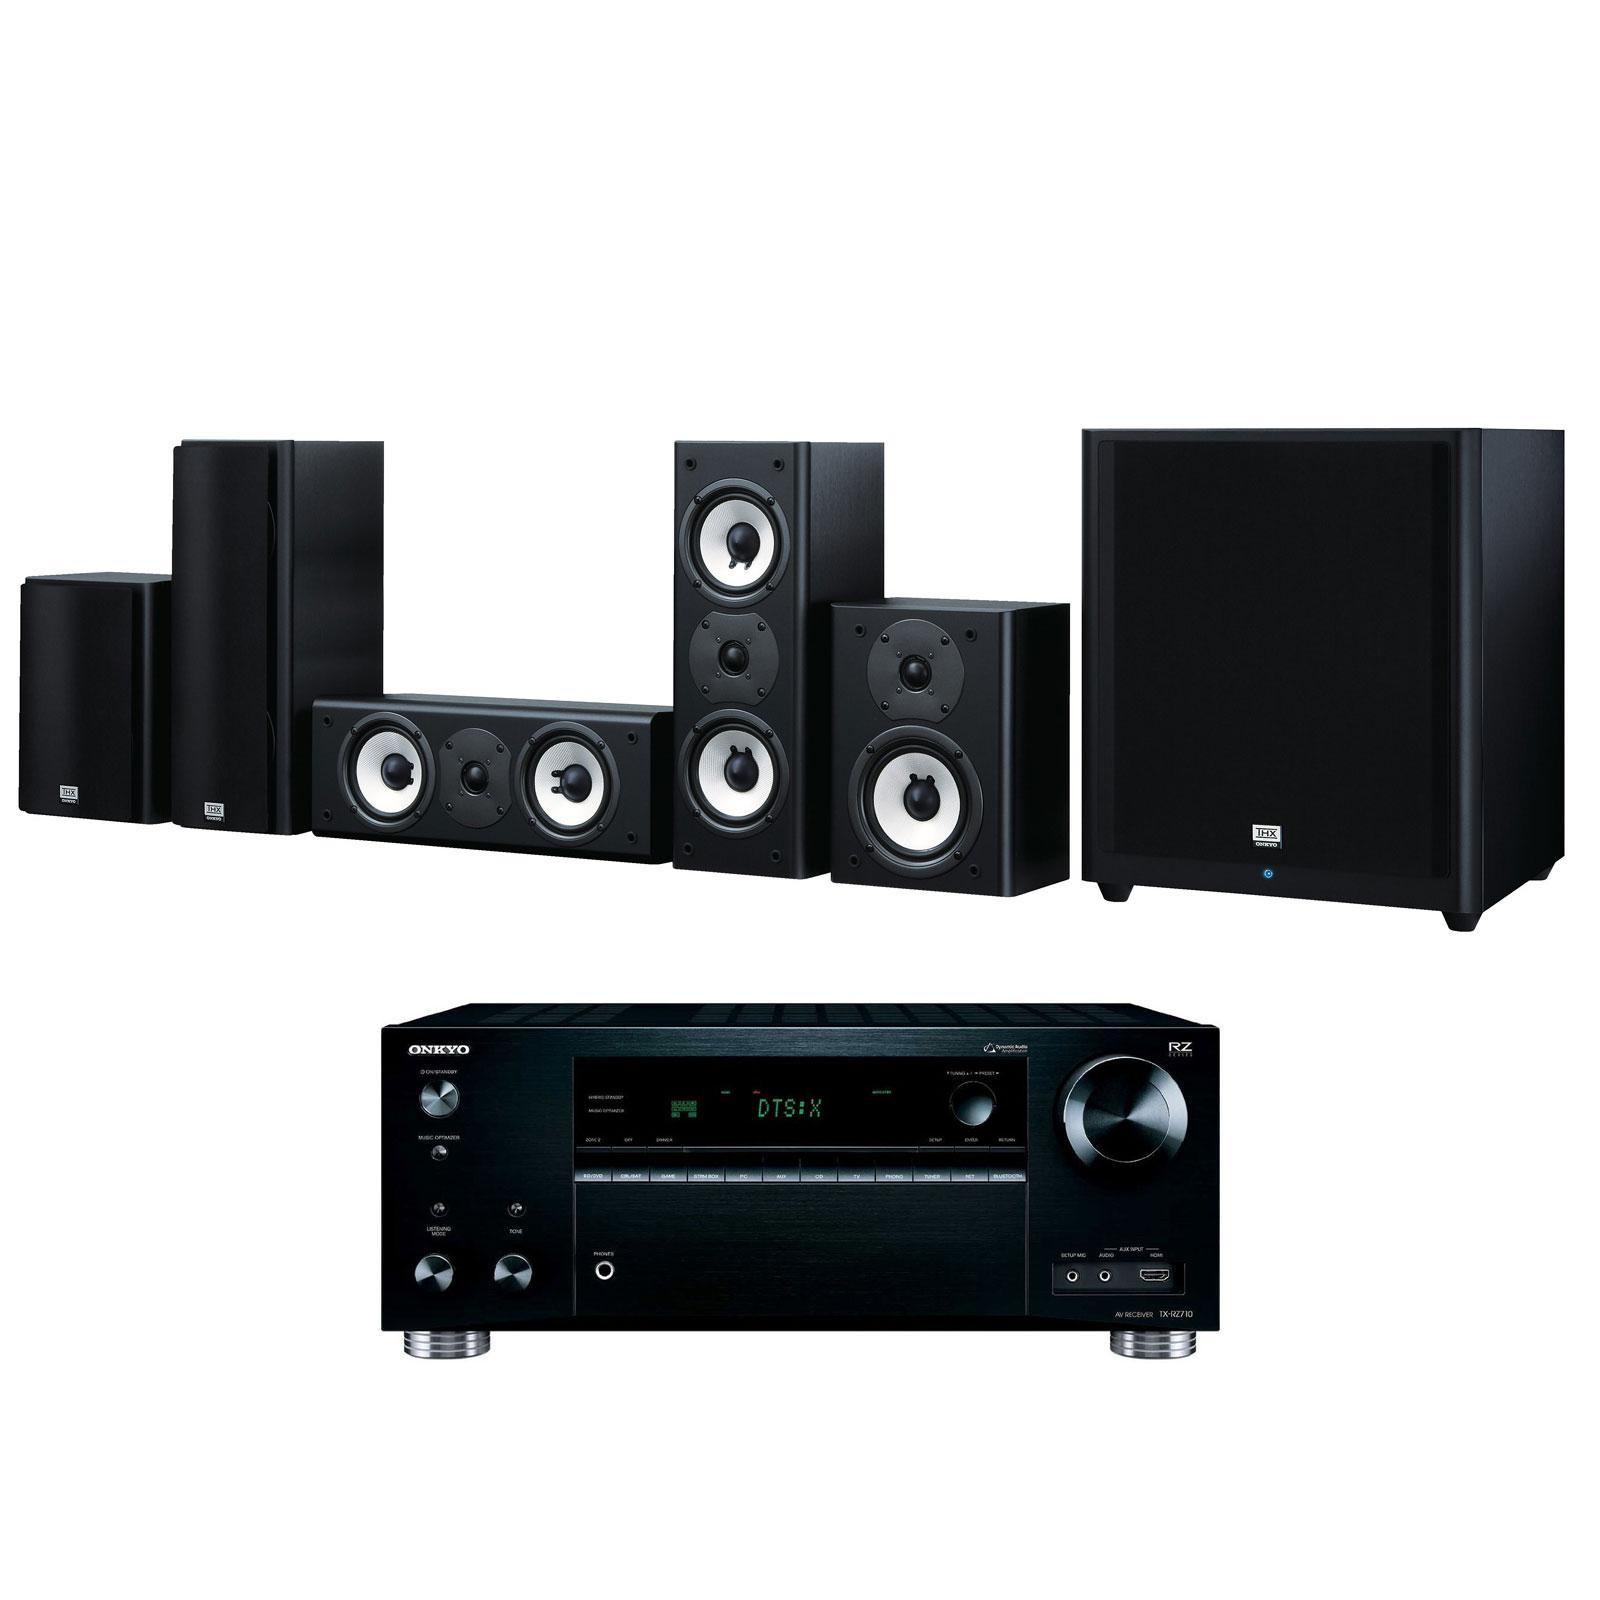 Ensemble home cinéma Onkyo TX-RZ710 Noir + SKS-HT978THX Ampli-tuner Home Cinéma 7.2 - THX - Bluetooth - Wi-Fi - Dolby Atmos - DTS:X - HDCP 2.2 - Hi-Res Audio - 8 entrées HDMI + Pack d'enceintes 5.1 certification THX